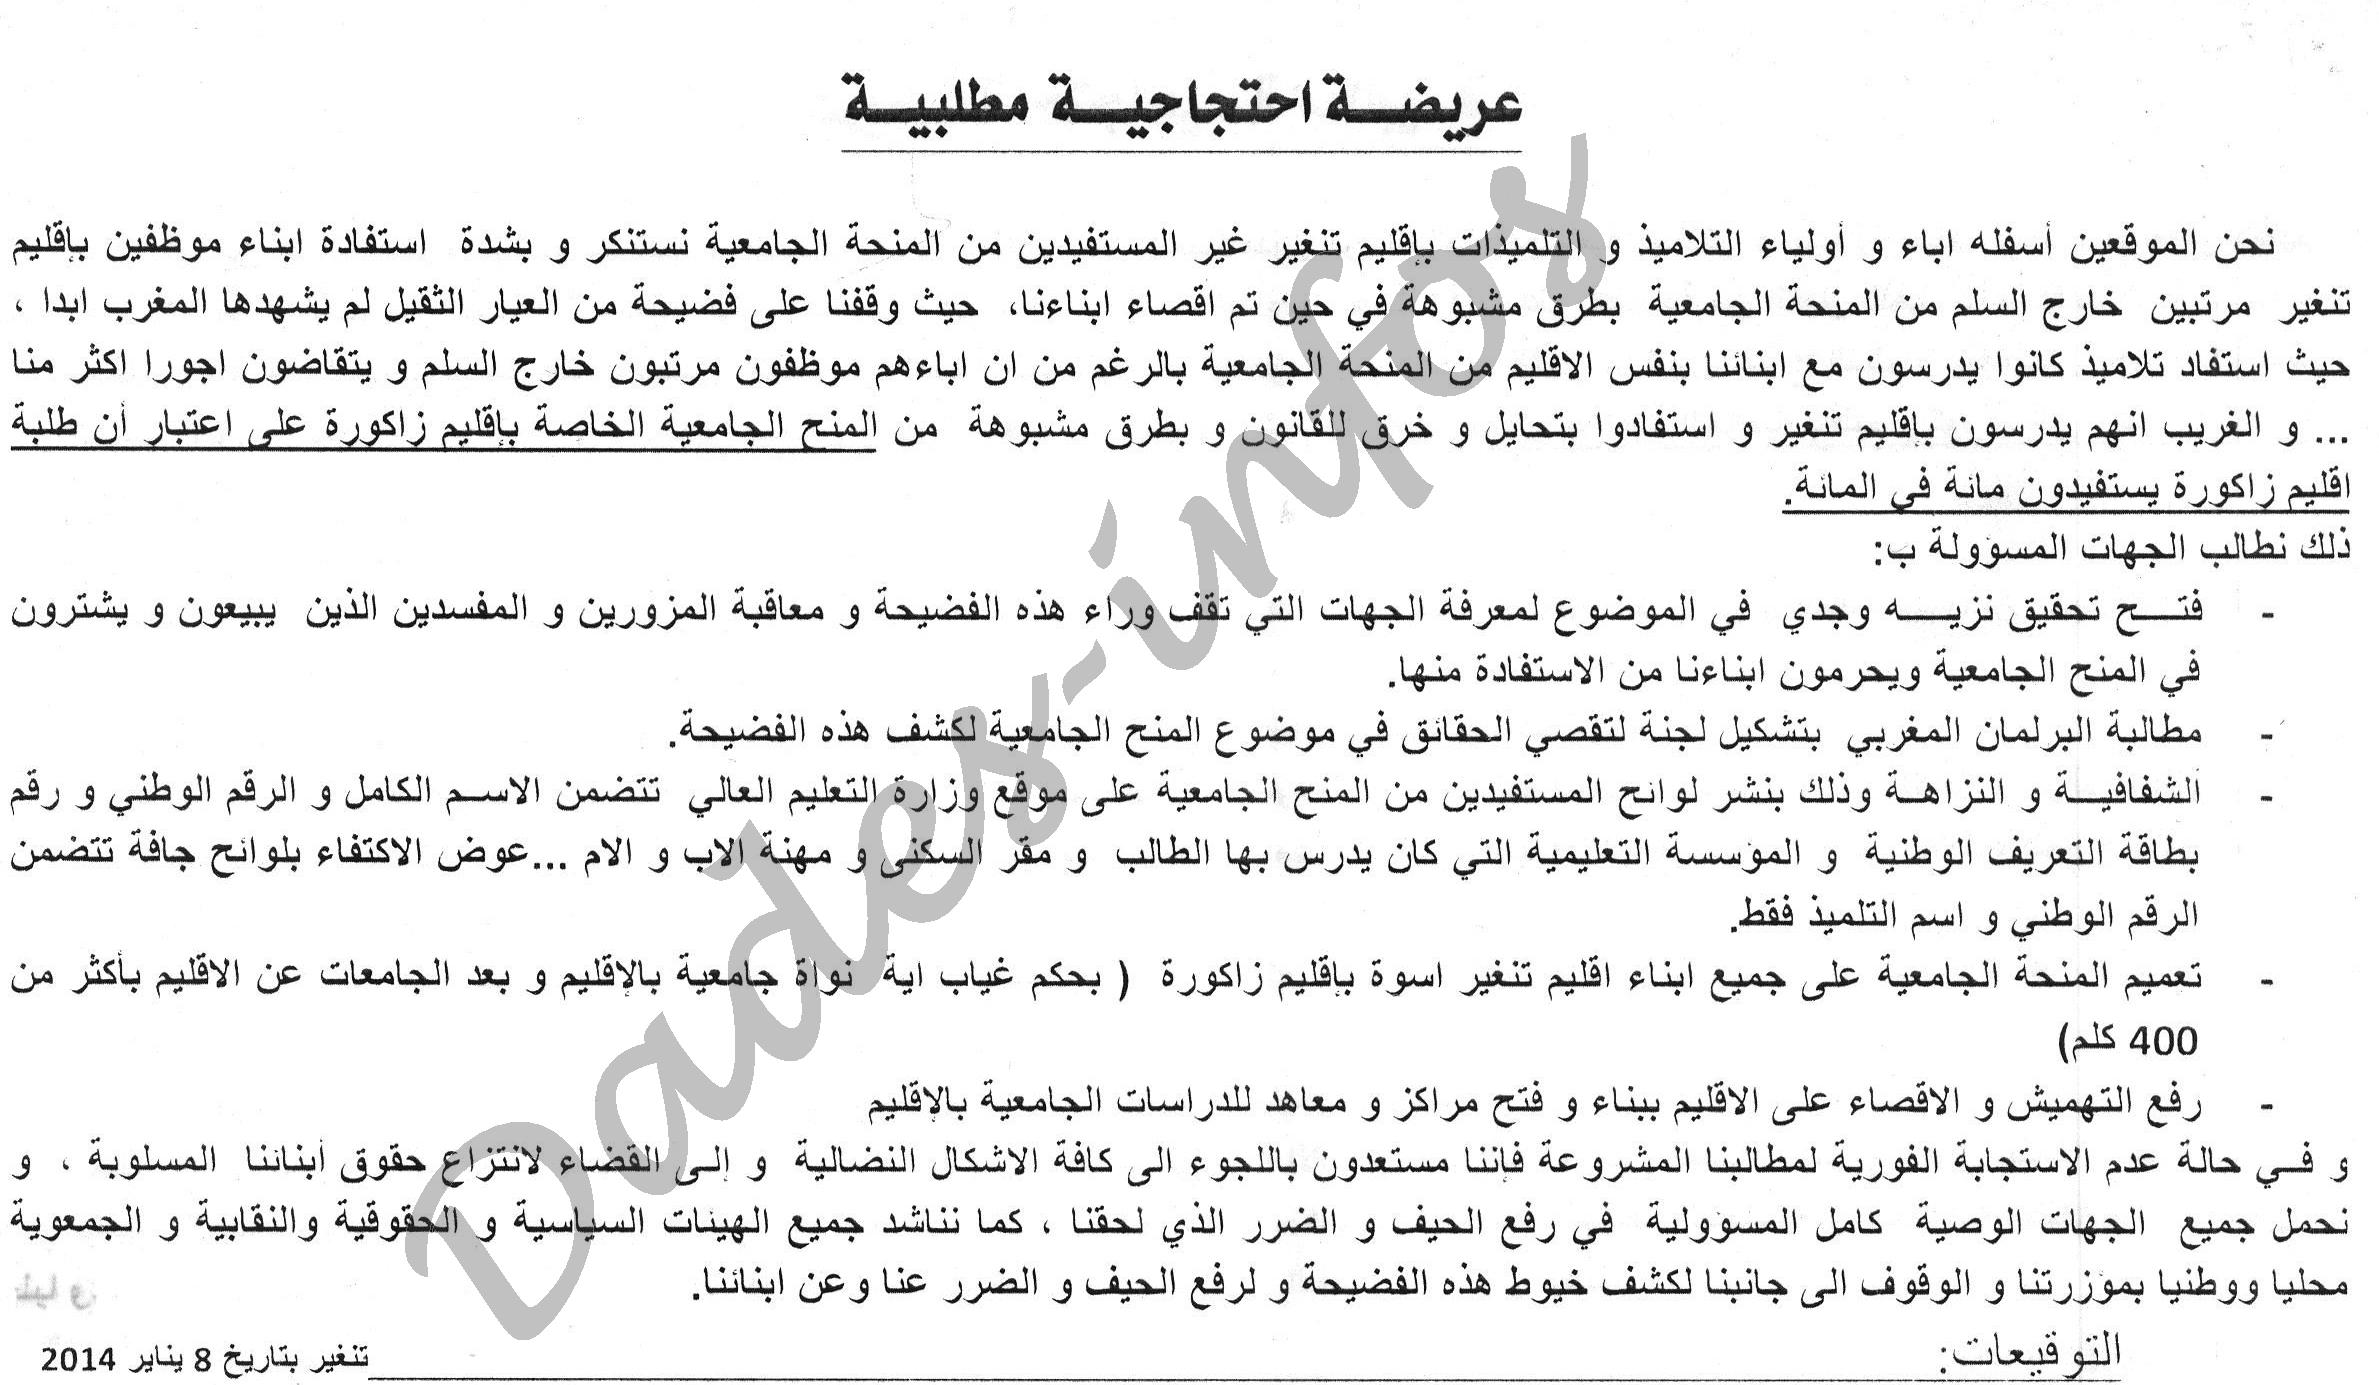 فضيحة من العيار الثقيل تهم المنح الجامعية تهز إقليمي تنغير وزاكورة